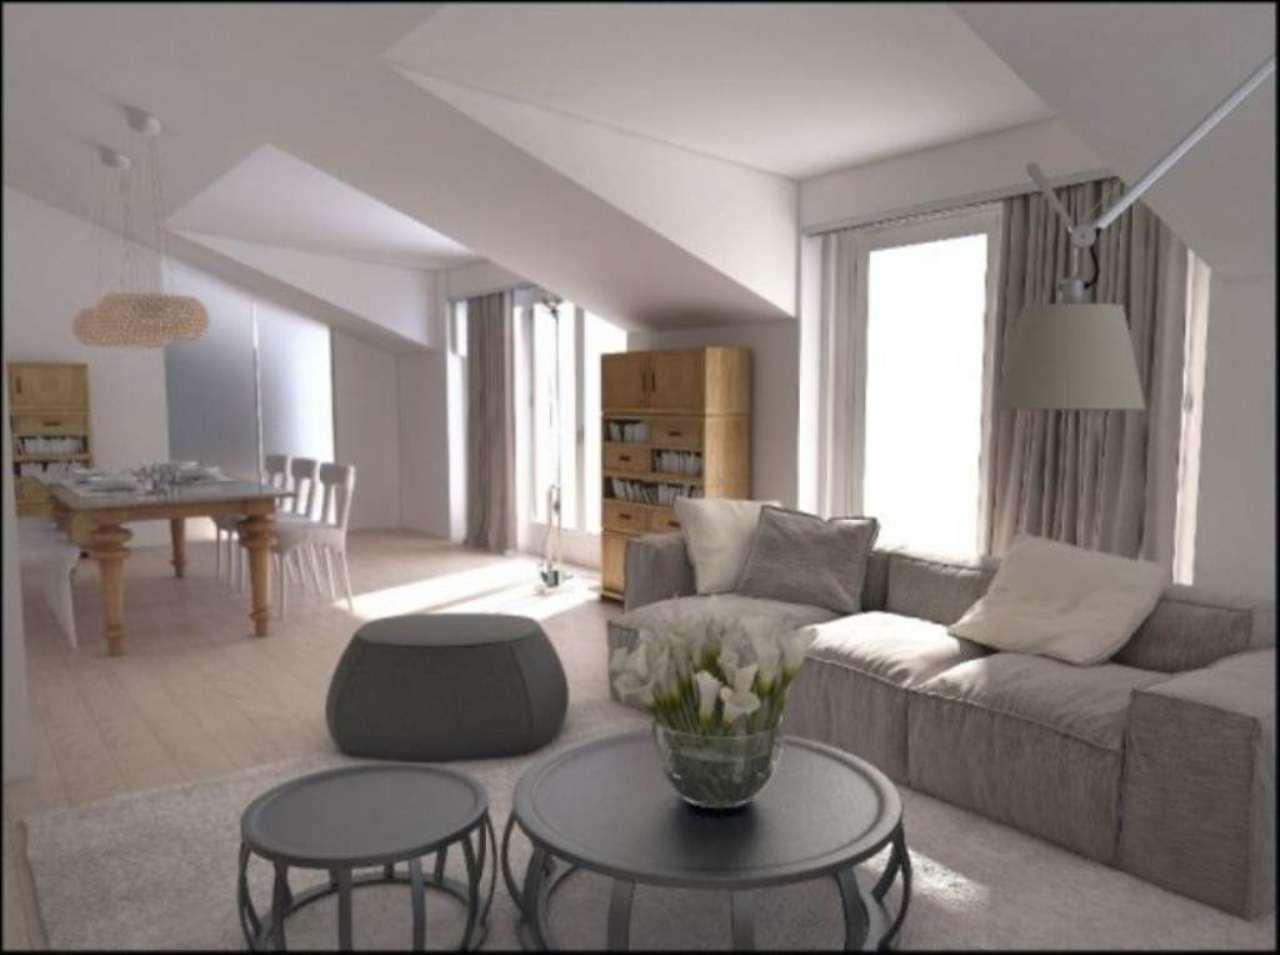 Appartamento in vendita a Bergamo, 4 locali, prezzo € 610.000 | PortaleAgenzieImmobiliari.it